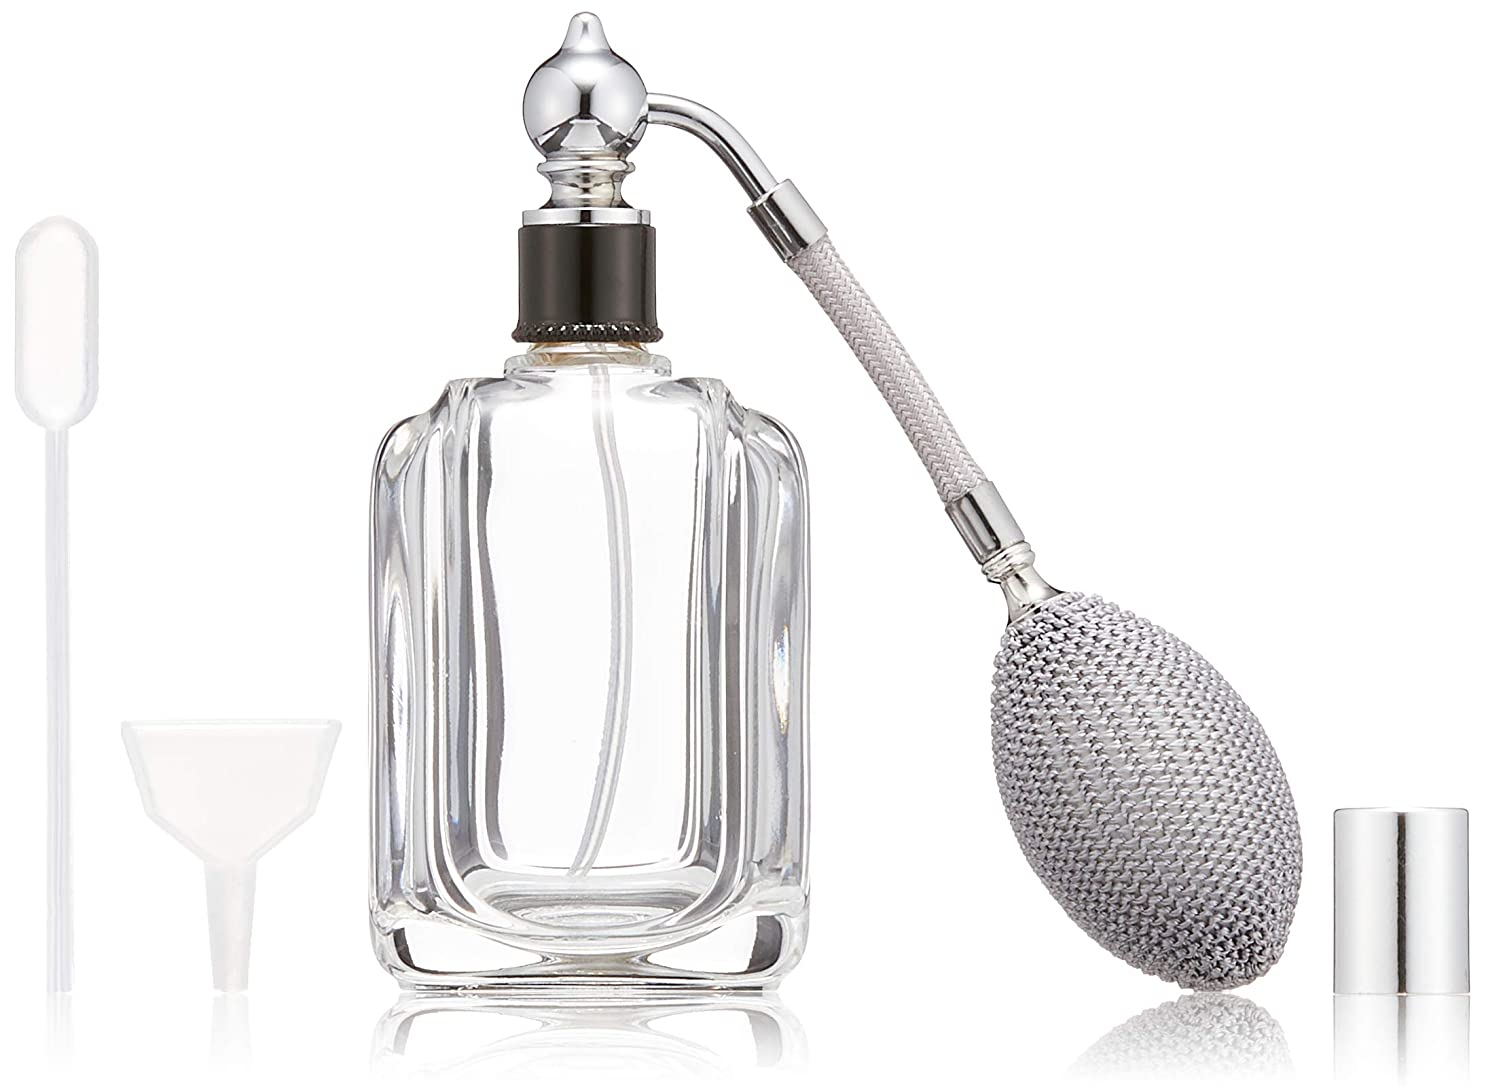 見落とす詐欺師哀れなヒロセアトマイザー フランス製香水瓶50ML メンズアトマイザーkuro 409873SS (50MLタクジョウ) CLSS